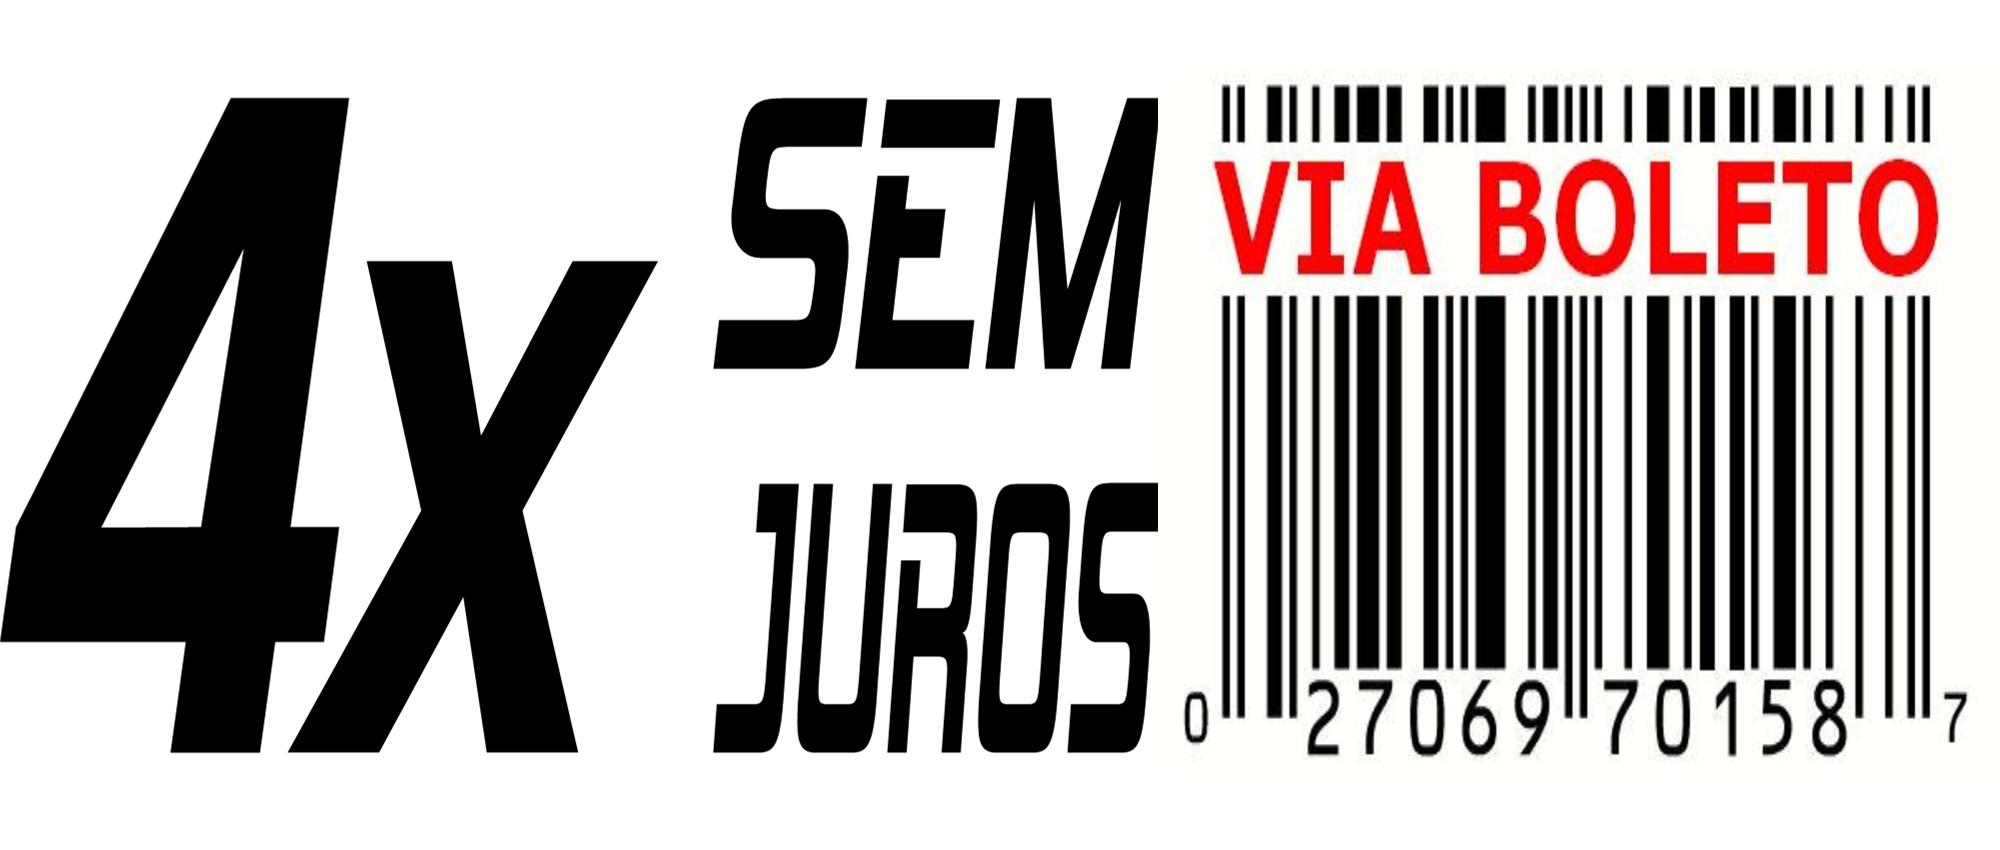 Zebra p110i r pedido de compra compmac distribuidor de impressoras cart es pvc - Dolphin s300 prix ...